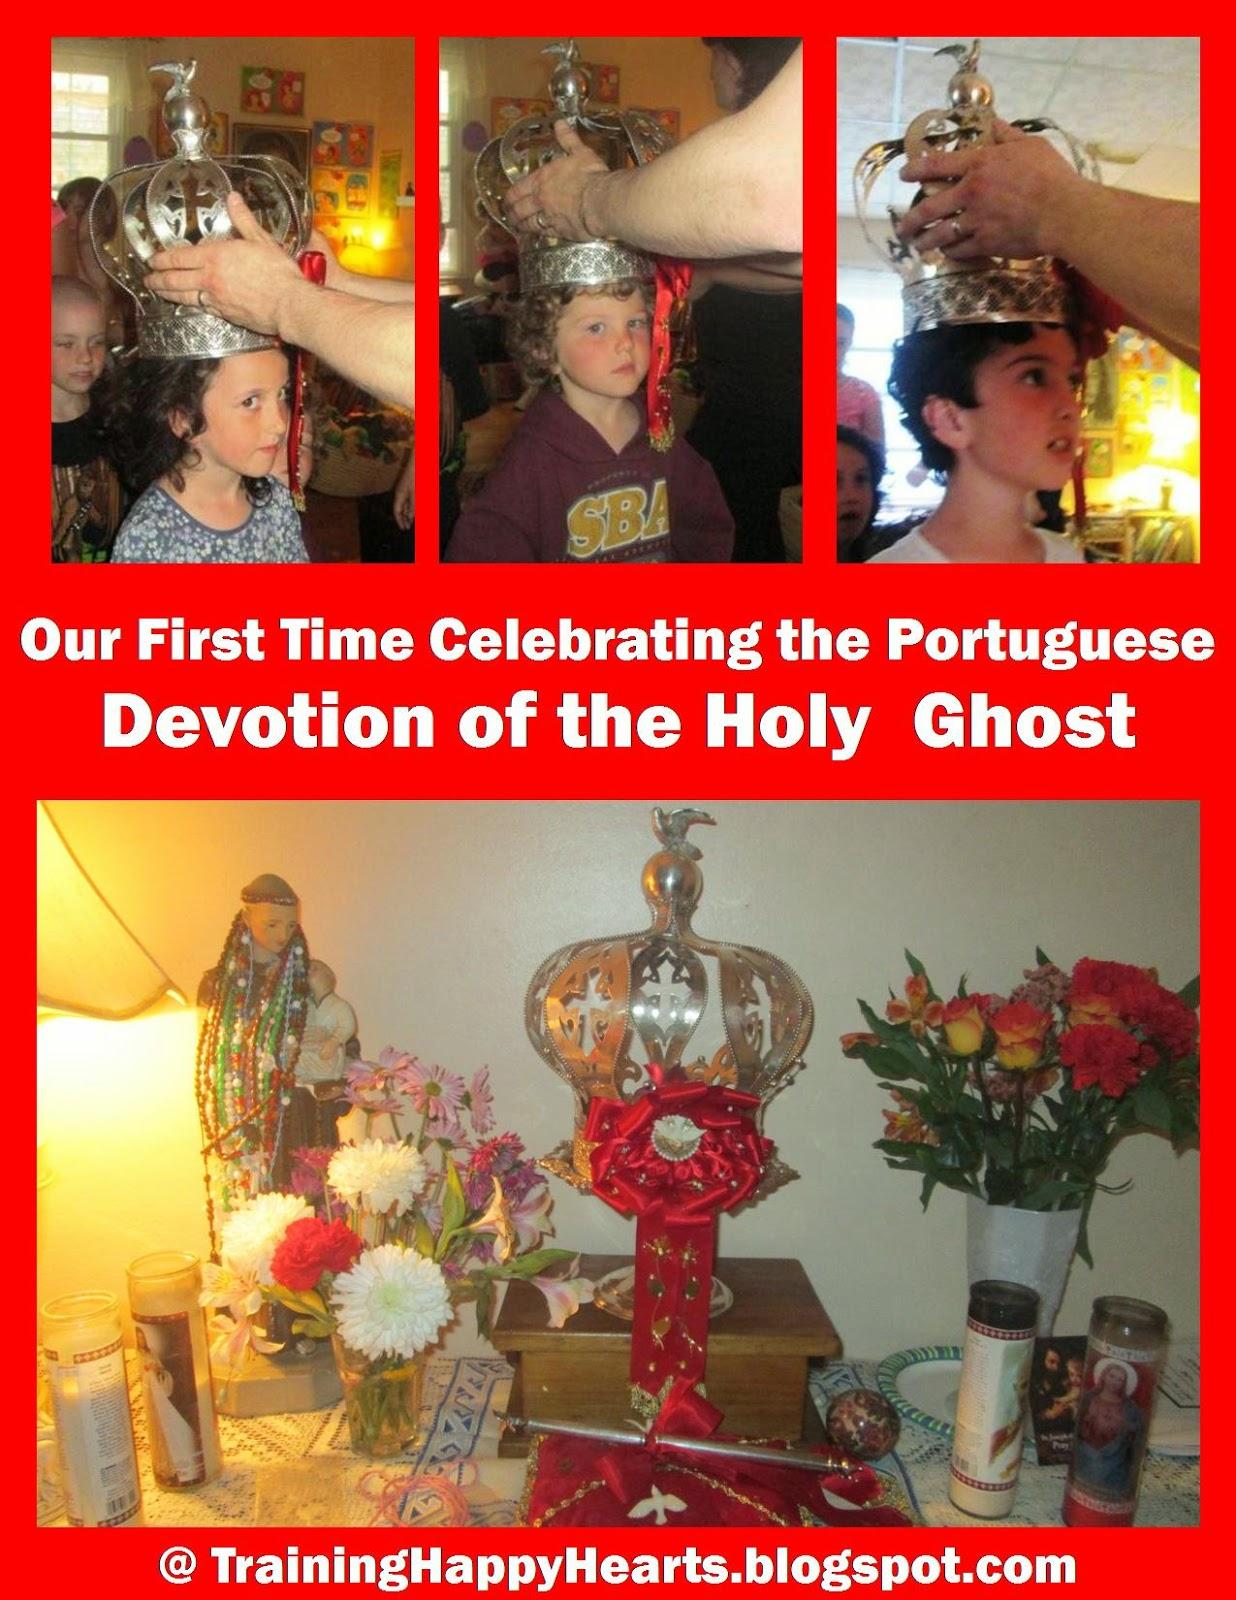 http://1.bp.blogspot.com/-7LCcnFJItKM/U4JJMW-JtUI/AAAAAAAALSM/URNyqL1PQhk/s1600/holy+ghost.jpg